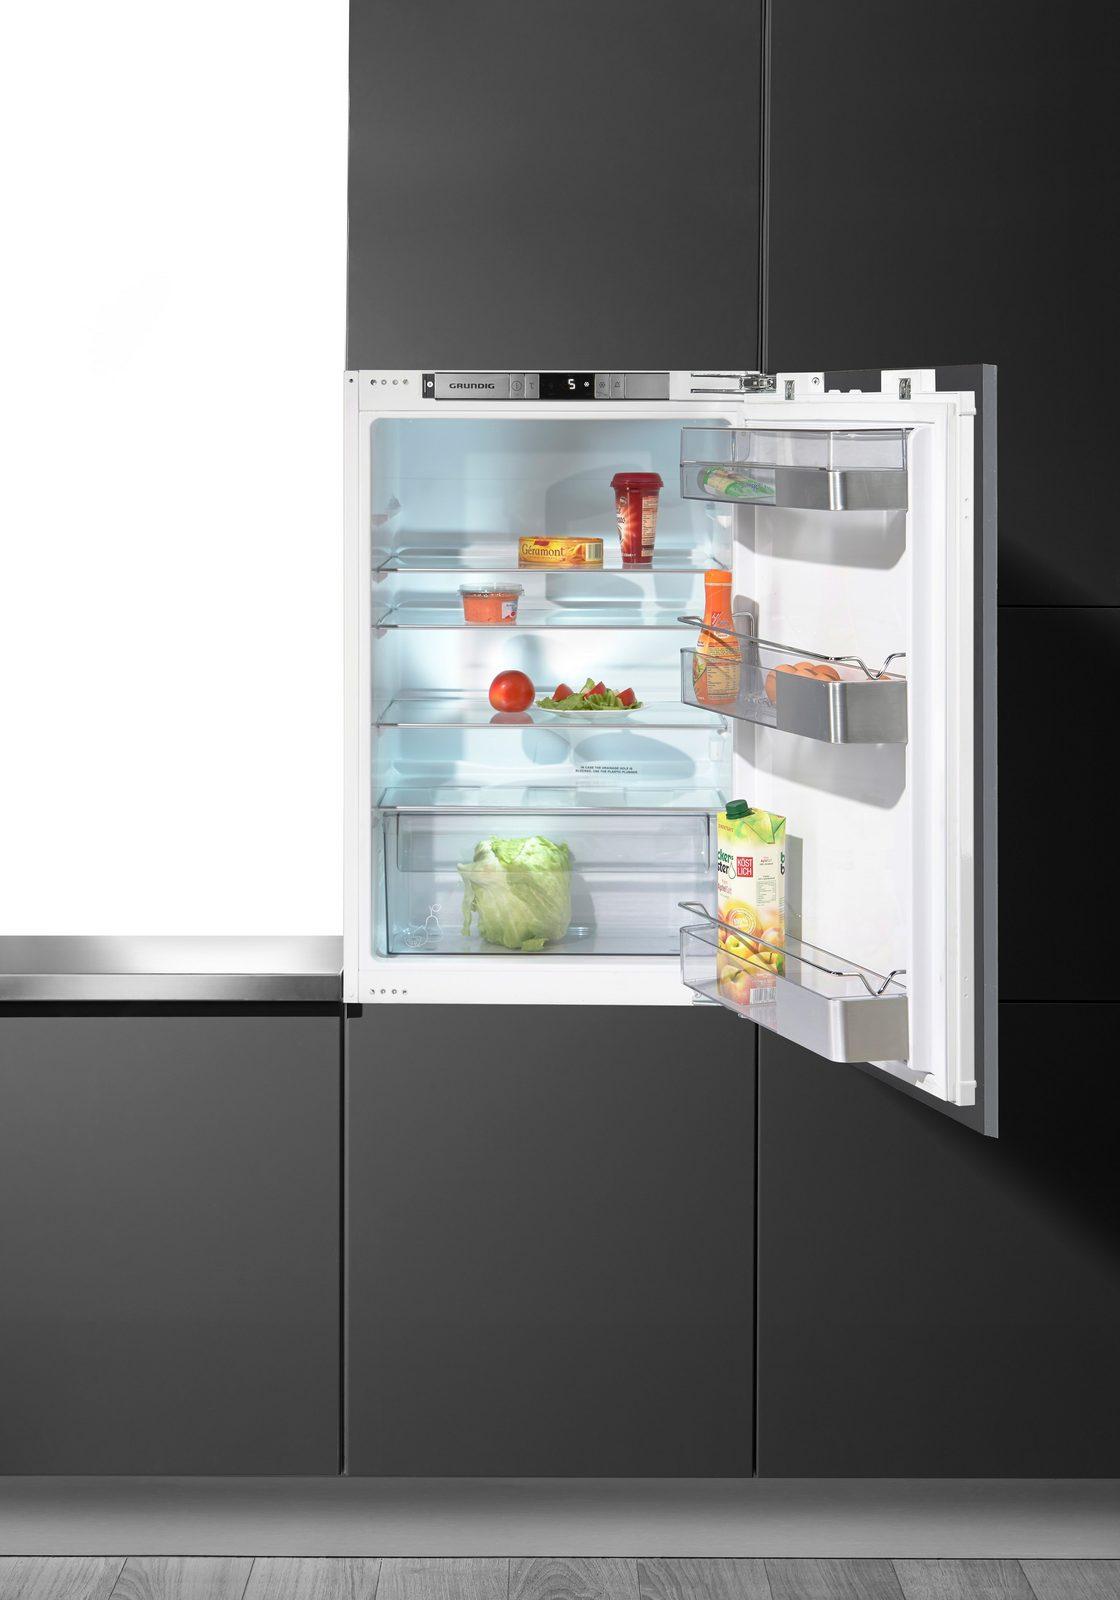 Grundig integrierbarer Einbau-Kühlschrank GTMI 10130, A+++ jetztbilligerkaufen